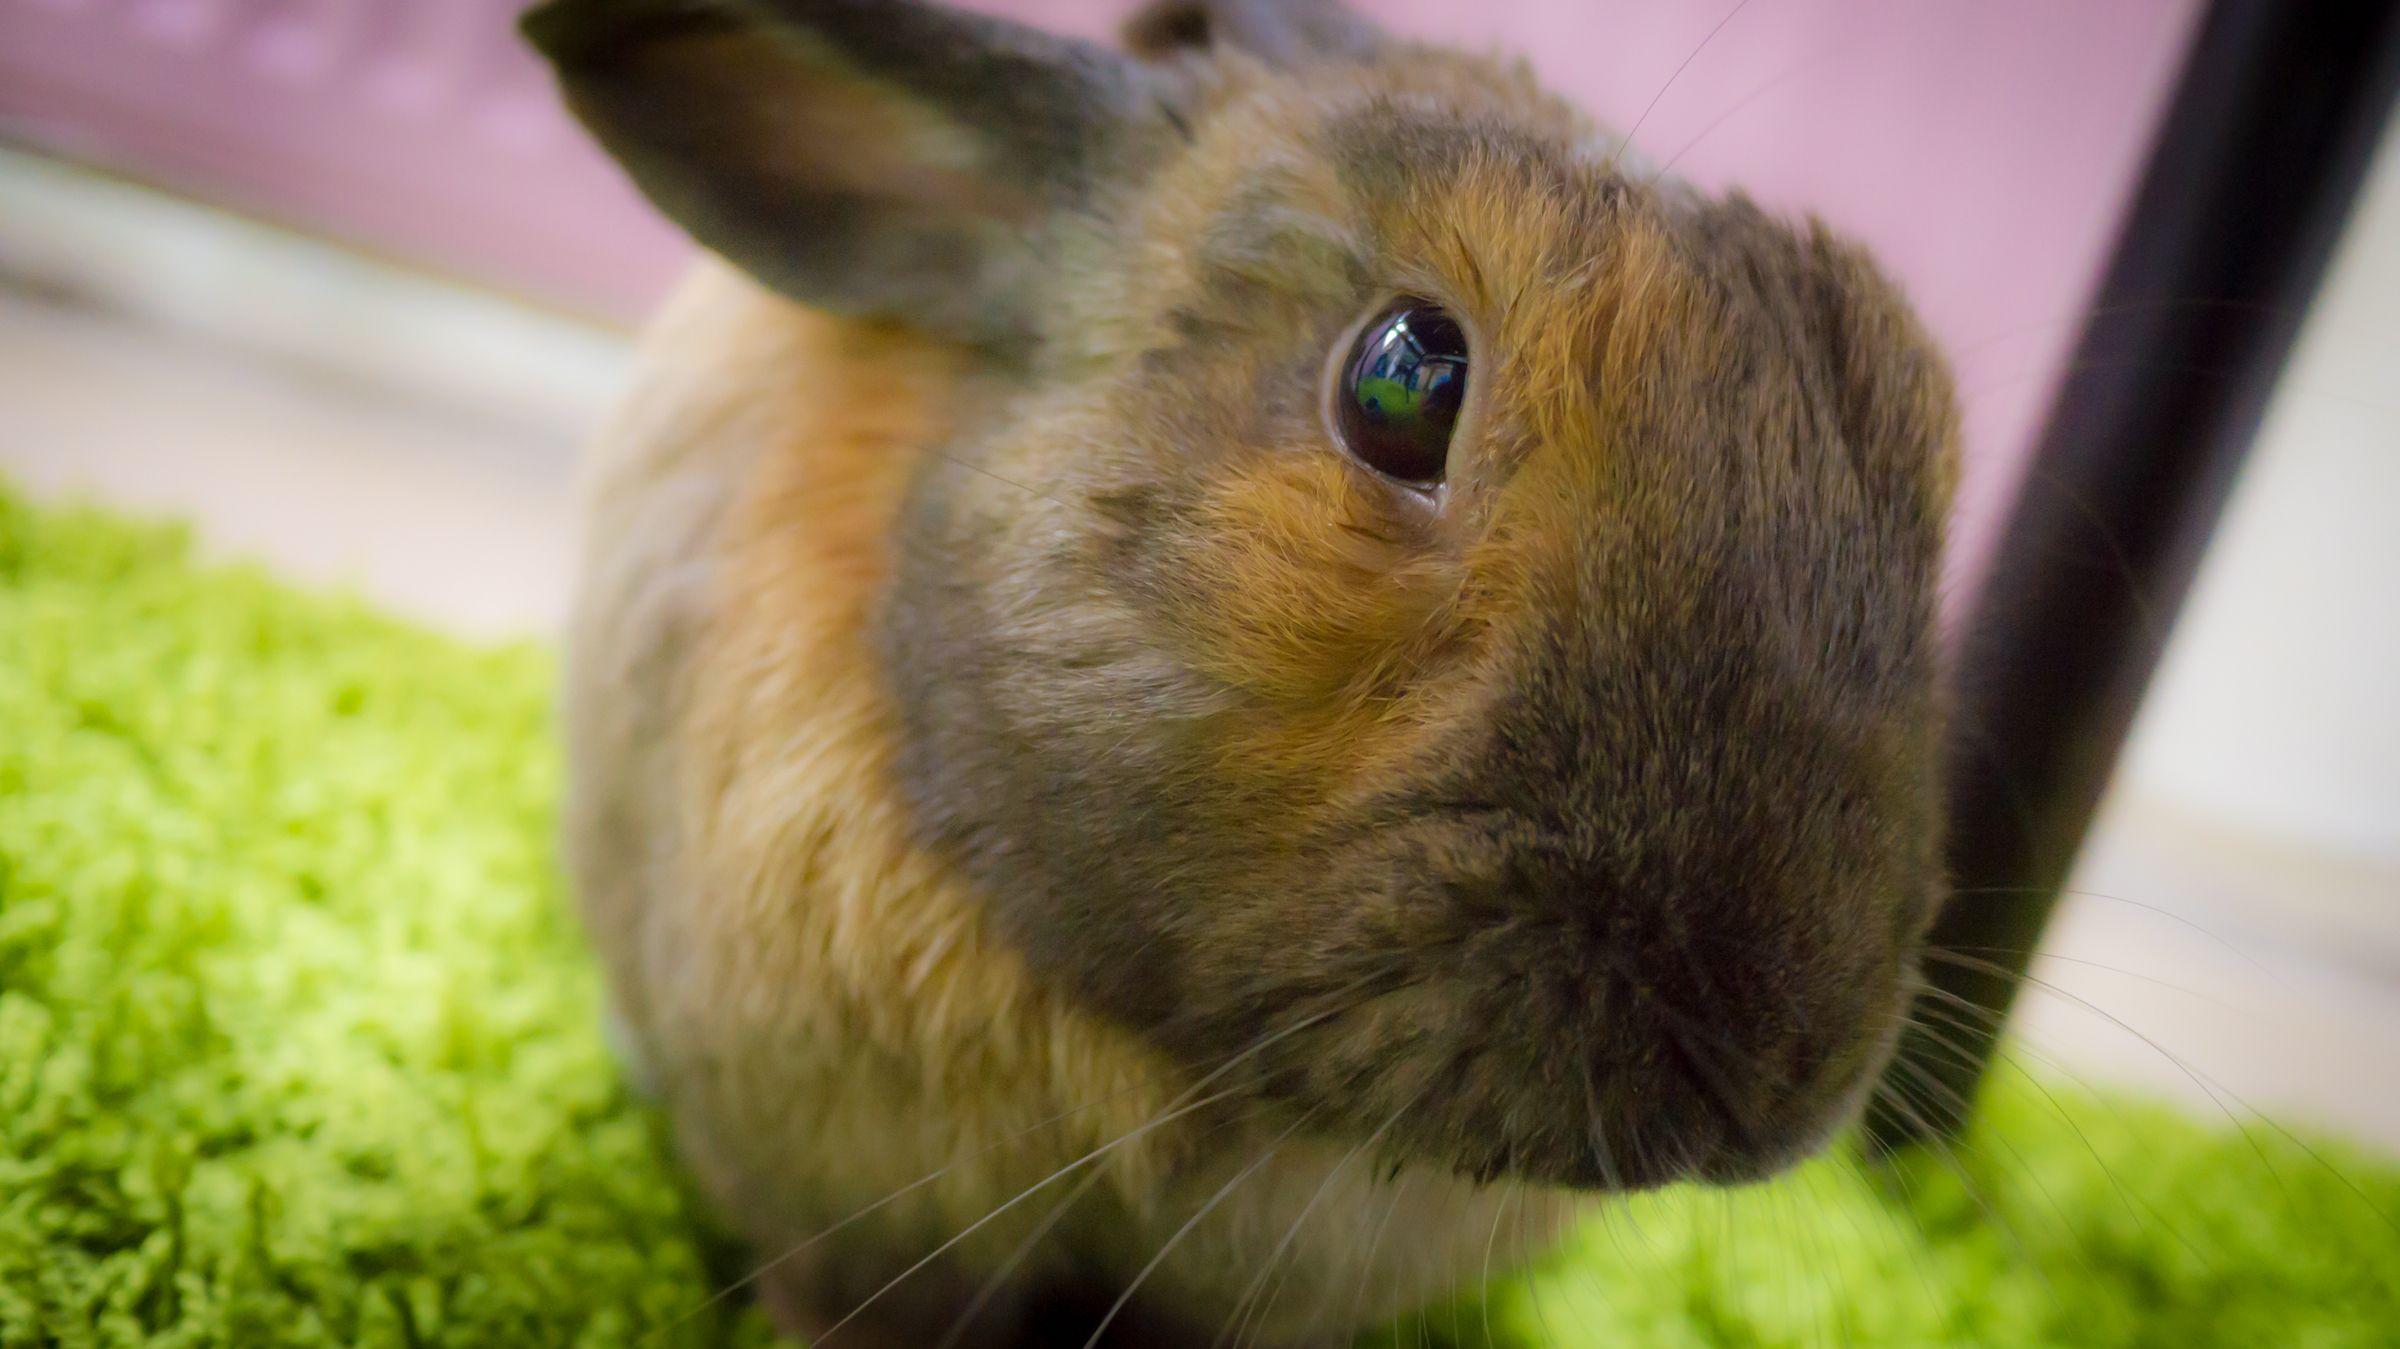 Cutie Posing For Desktop Wallpaper 3 Wallpapers Bunny Backgrounds